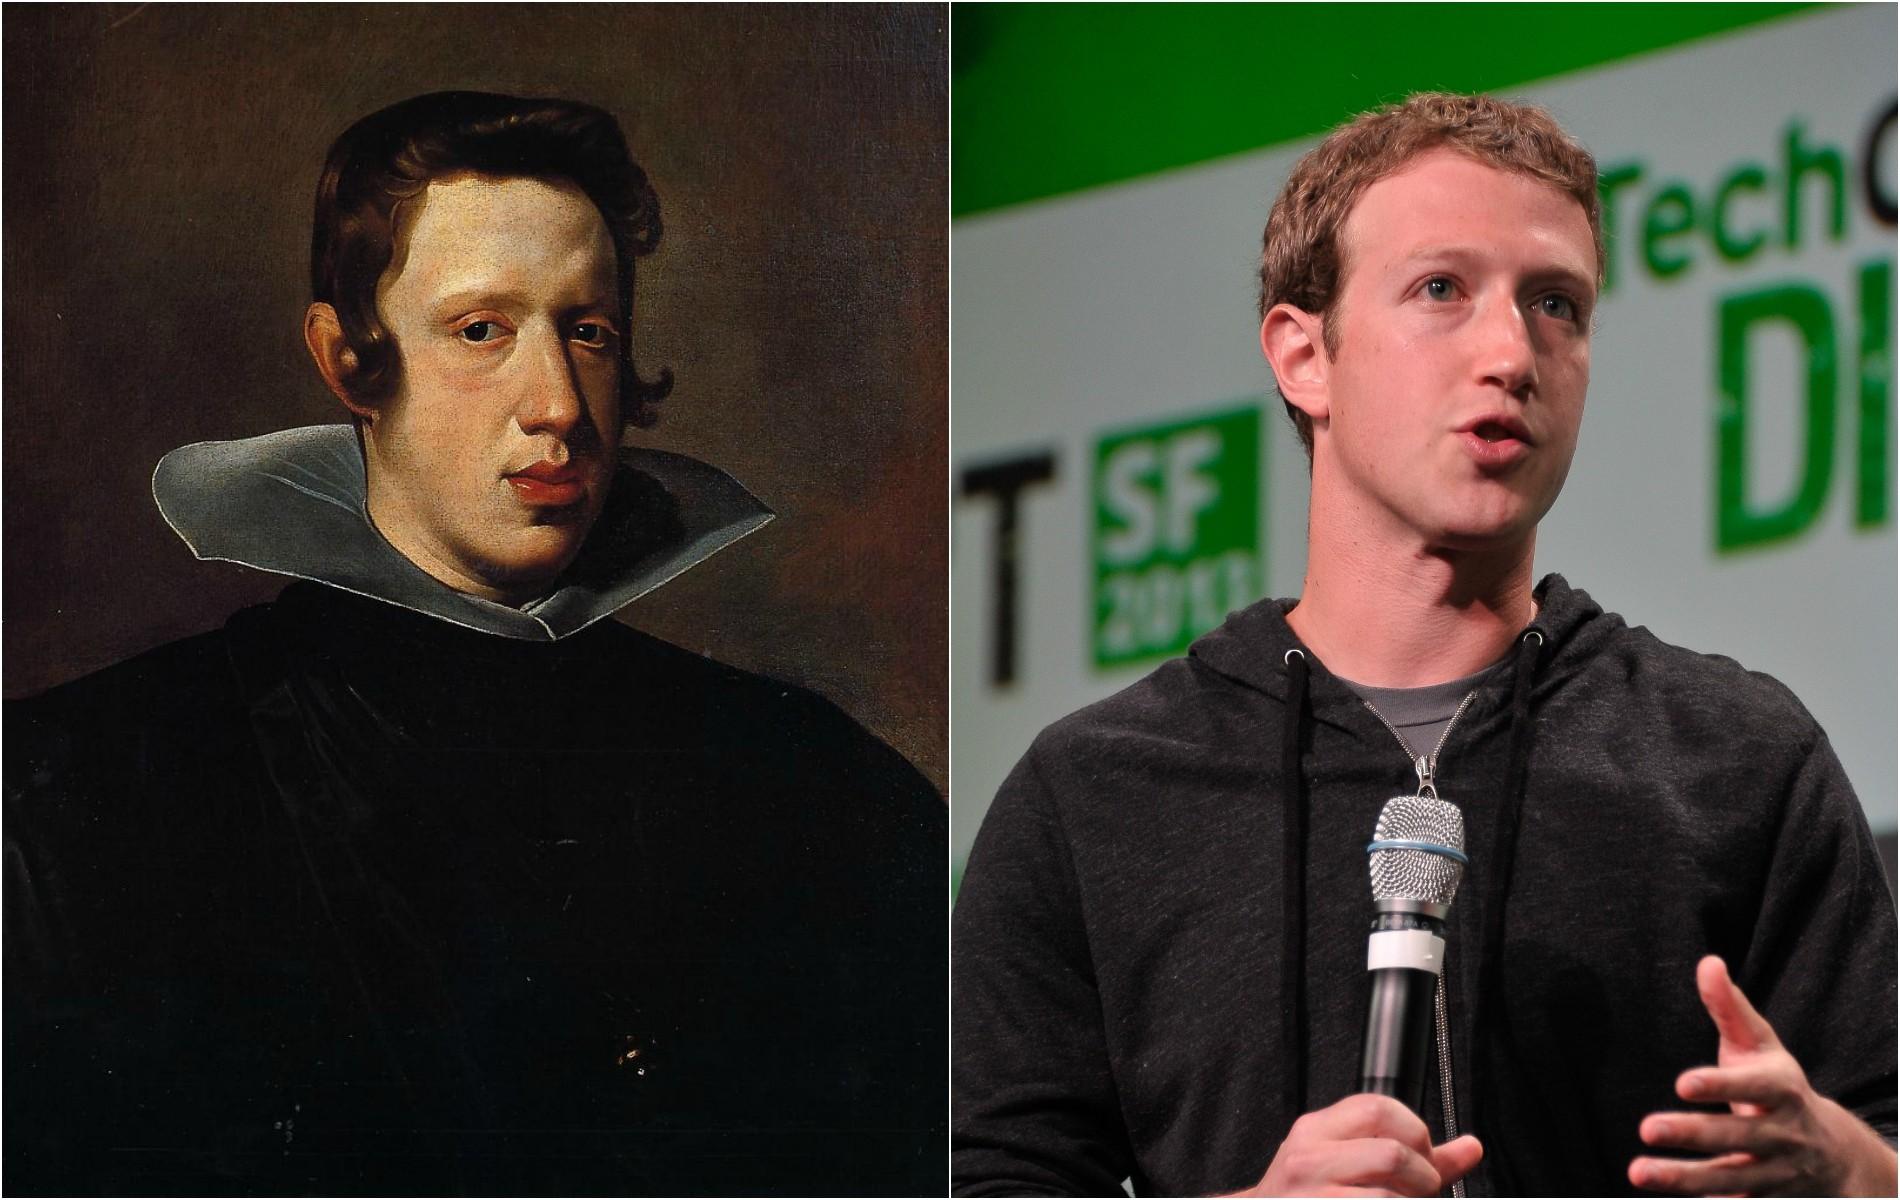 Mark Zuckerberg e o rei Felipe IV da Espanha (1605–1665), que, aliás, também foi retratado por Velázquez. (Foto: Domínio Público e Getty Images)